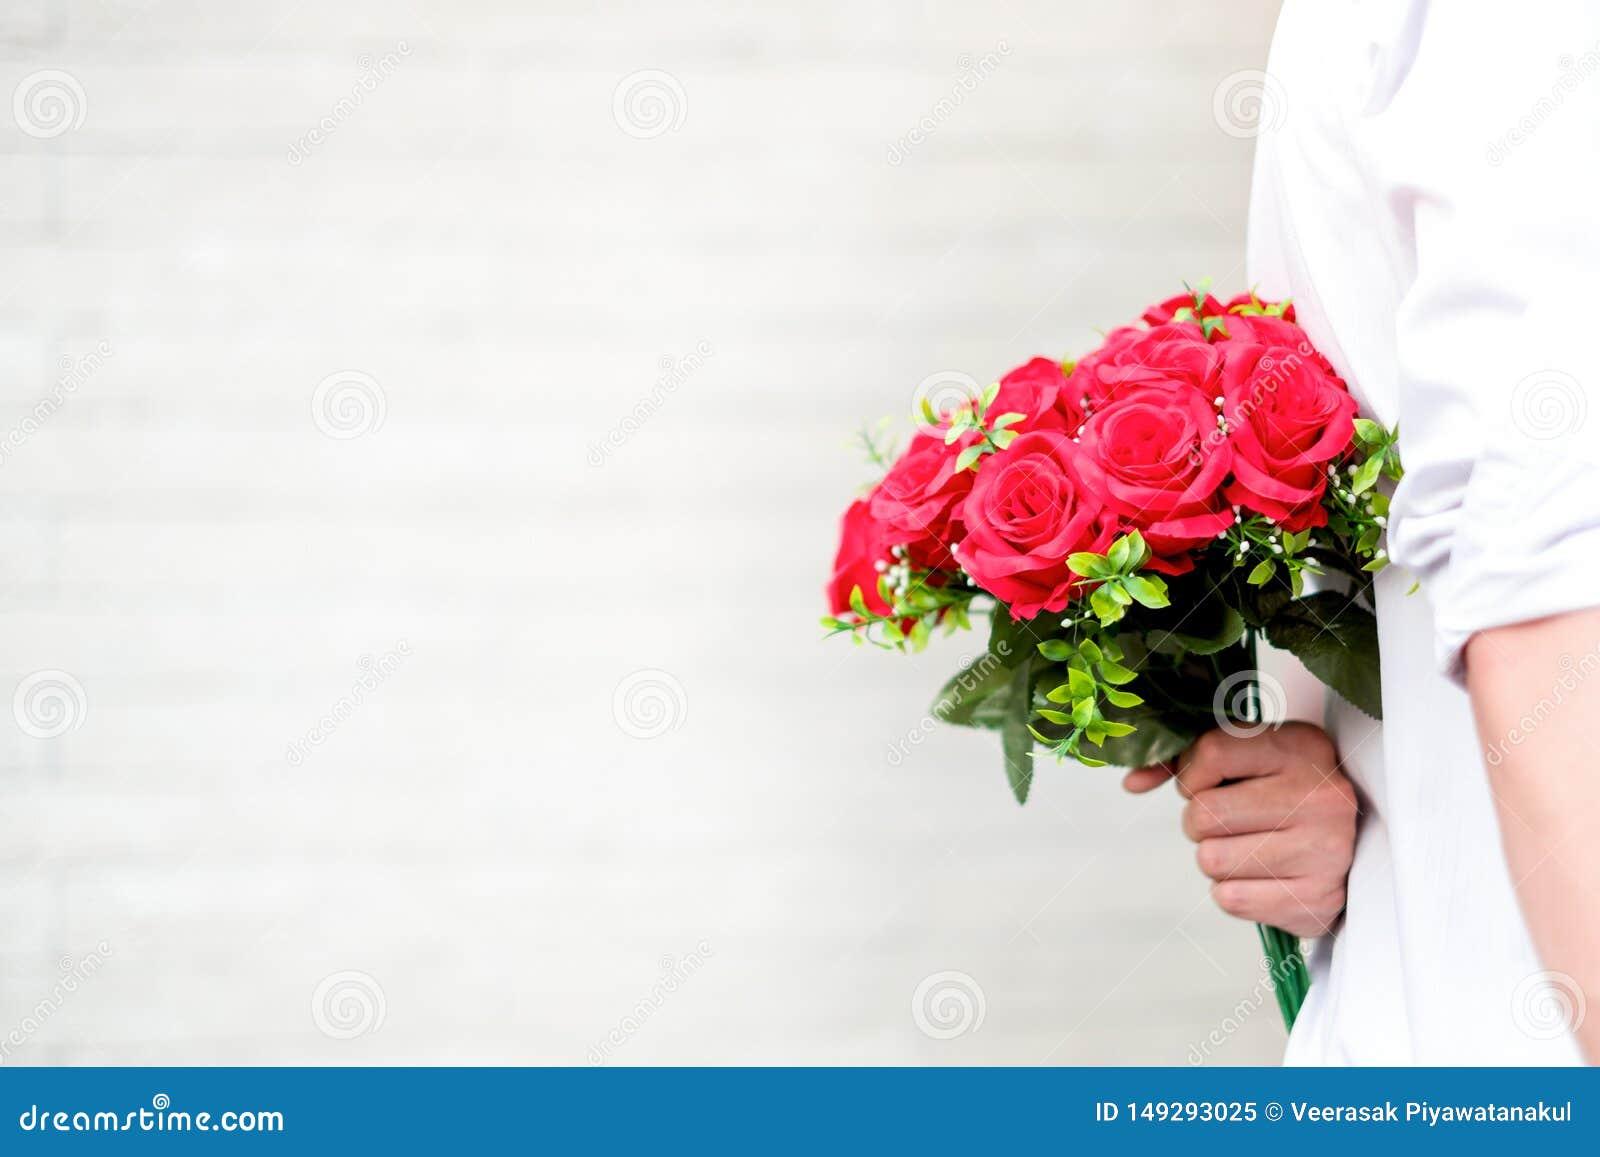 Ευτυχές νέο ζεύγος ερωτευμένο αγκάλιασμα και κόκκινα τριαντάφυλλα κρατήματος στα χέρια για την έκπληξη της φίλης του, έννοια ζευγ